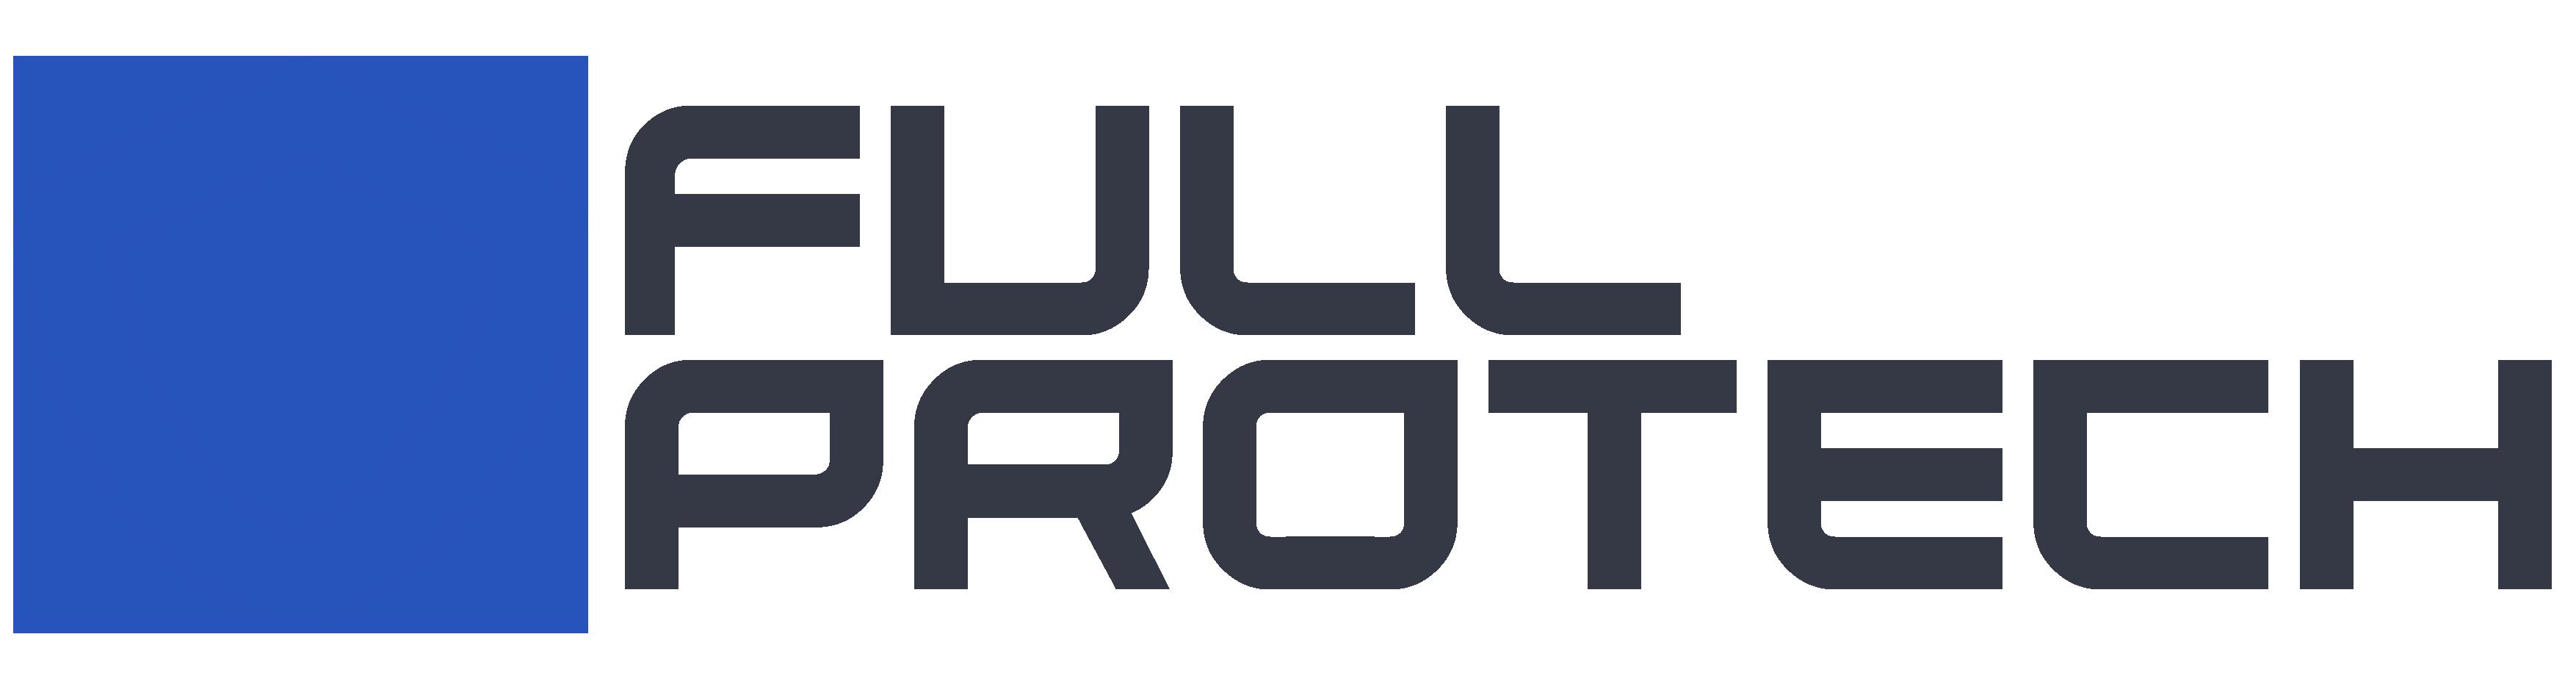 FullProtech